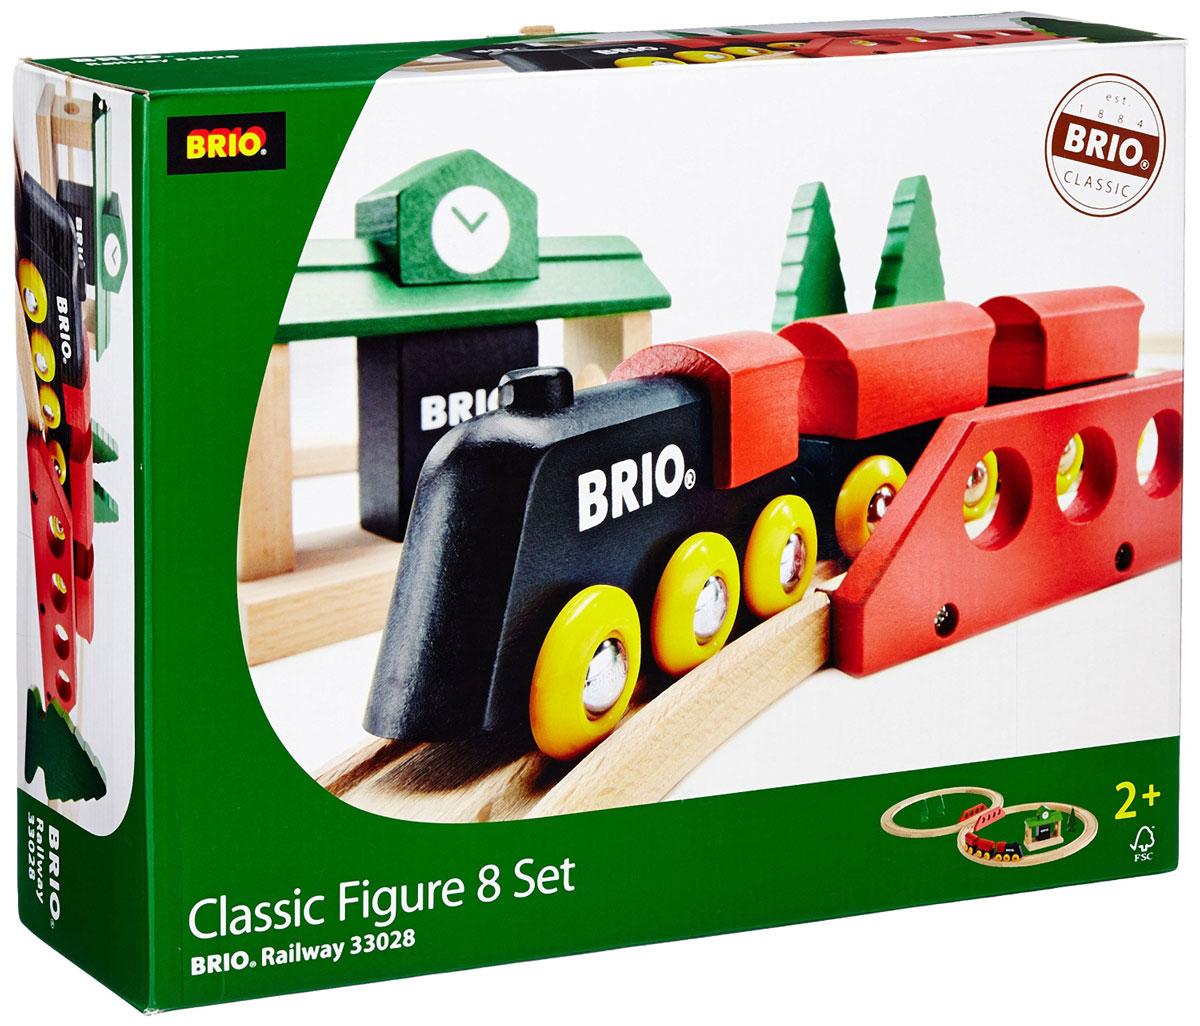 Brio Железная дорога с вокзалом33028Вашему ребенку обязательно понравится Железная дорога с вокзалом Brio. В набор входит вокзал, паровоз, 2 вагона, 3 дерева и элементы железнодорожного полотна. Благодаря магнитным сцепкам, вагоны легко соединяются между собой и паровозом. Железные дороги позволяют ребенку не только получать удовольствие от игры, но и развивать пространственное воображение, мелкую моторику и координацию движений. Набор совместим со всеми железными дорогами и паровозиками Brio.